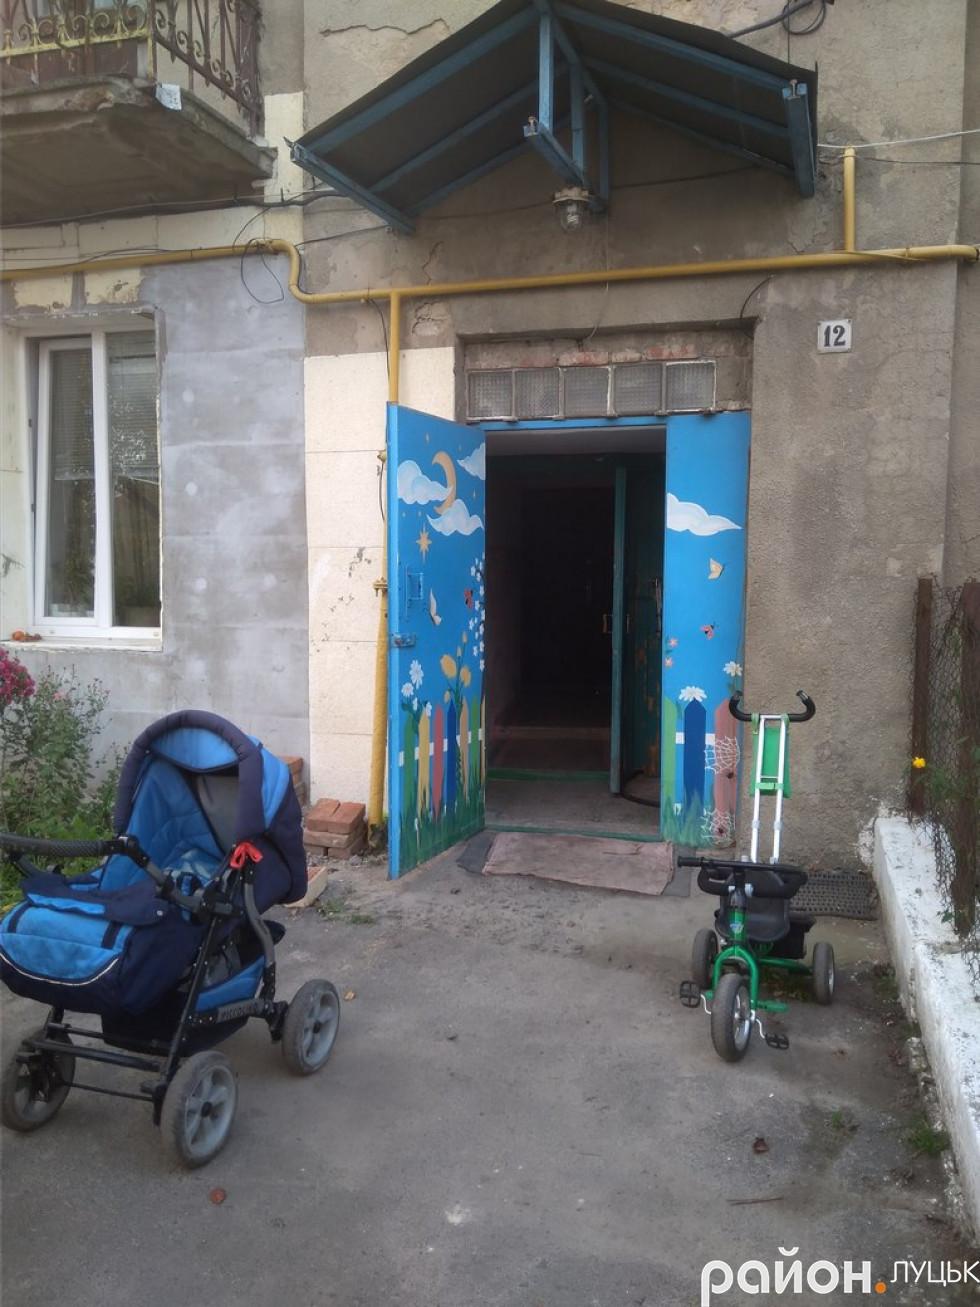 Вхід у будинок № 12